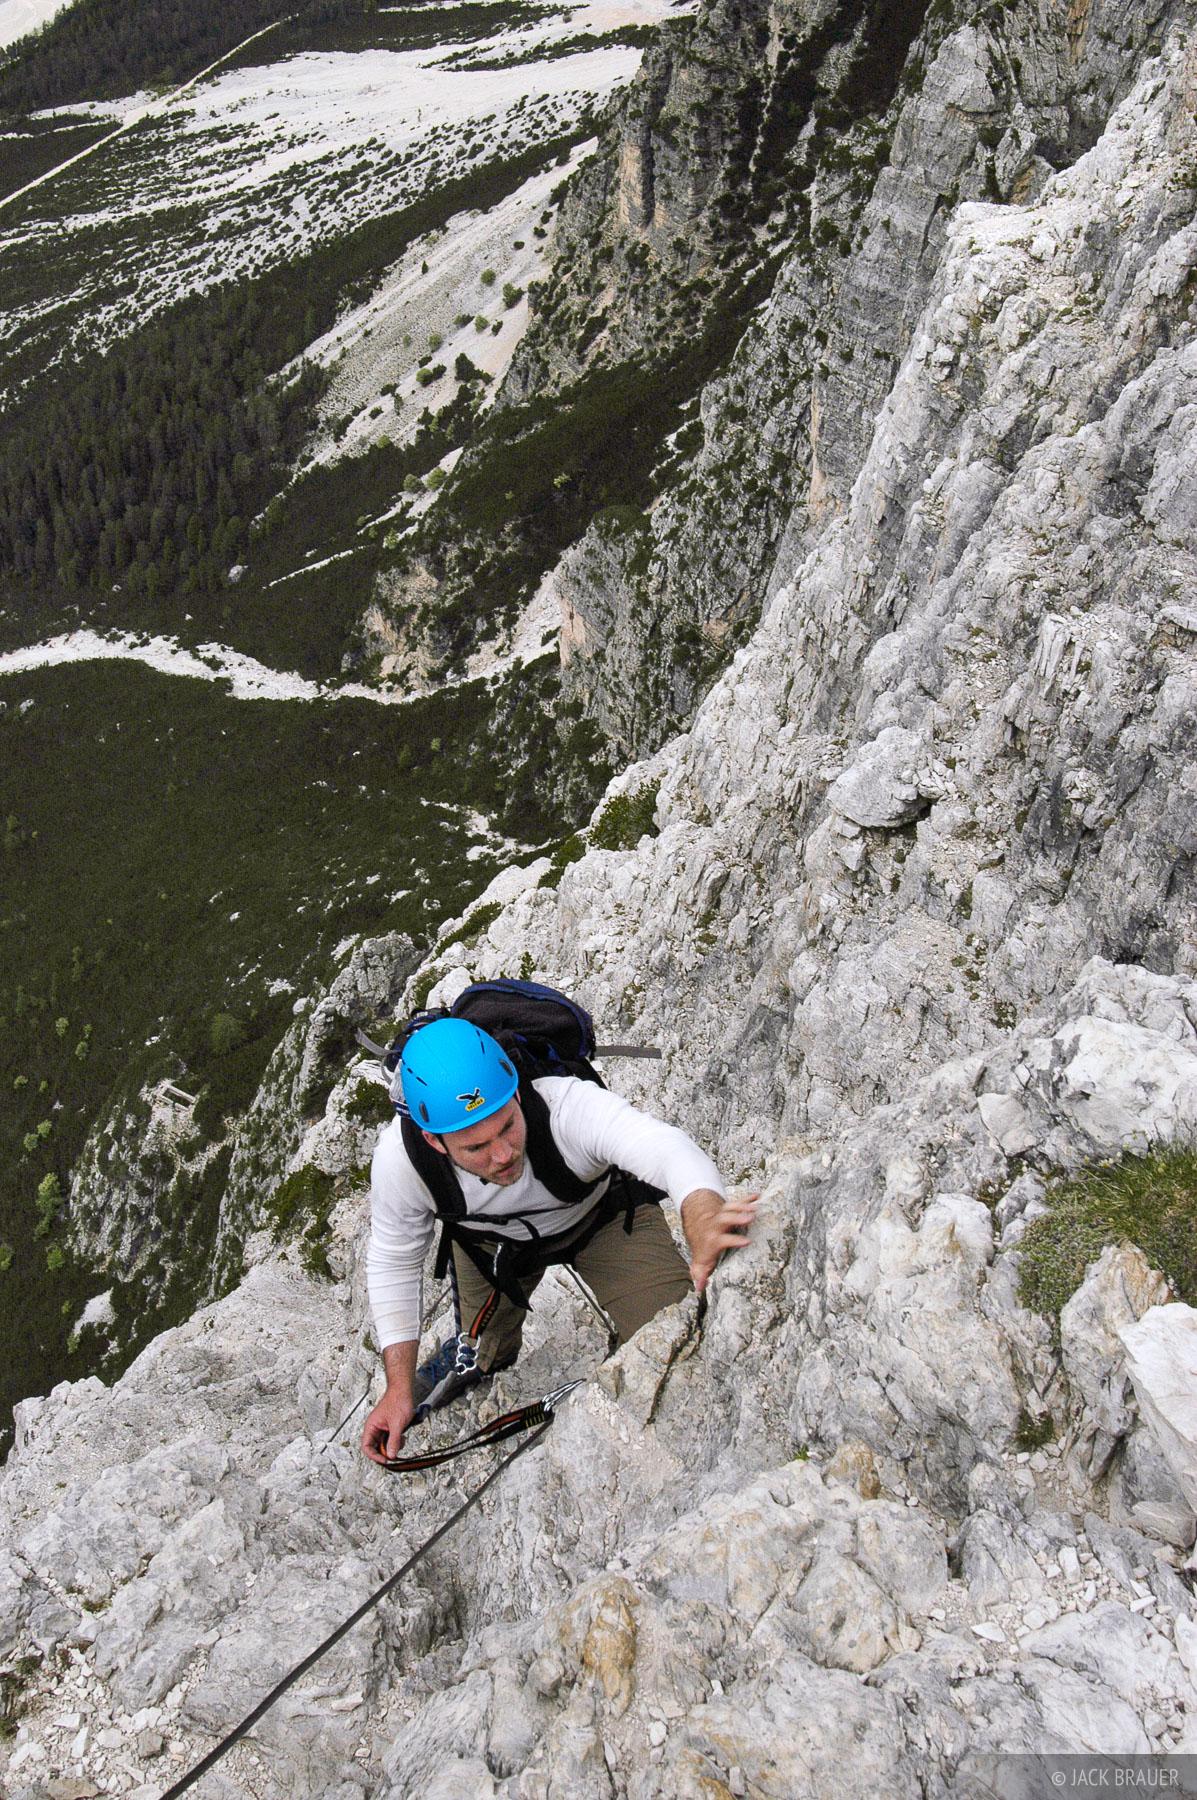 Fiámes, via ferrata, Dolomites, Italy, Cortina, climbing, Alps, photo